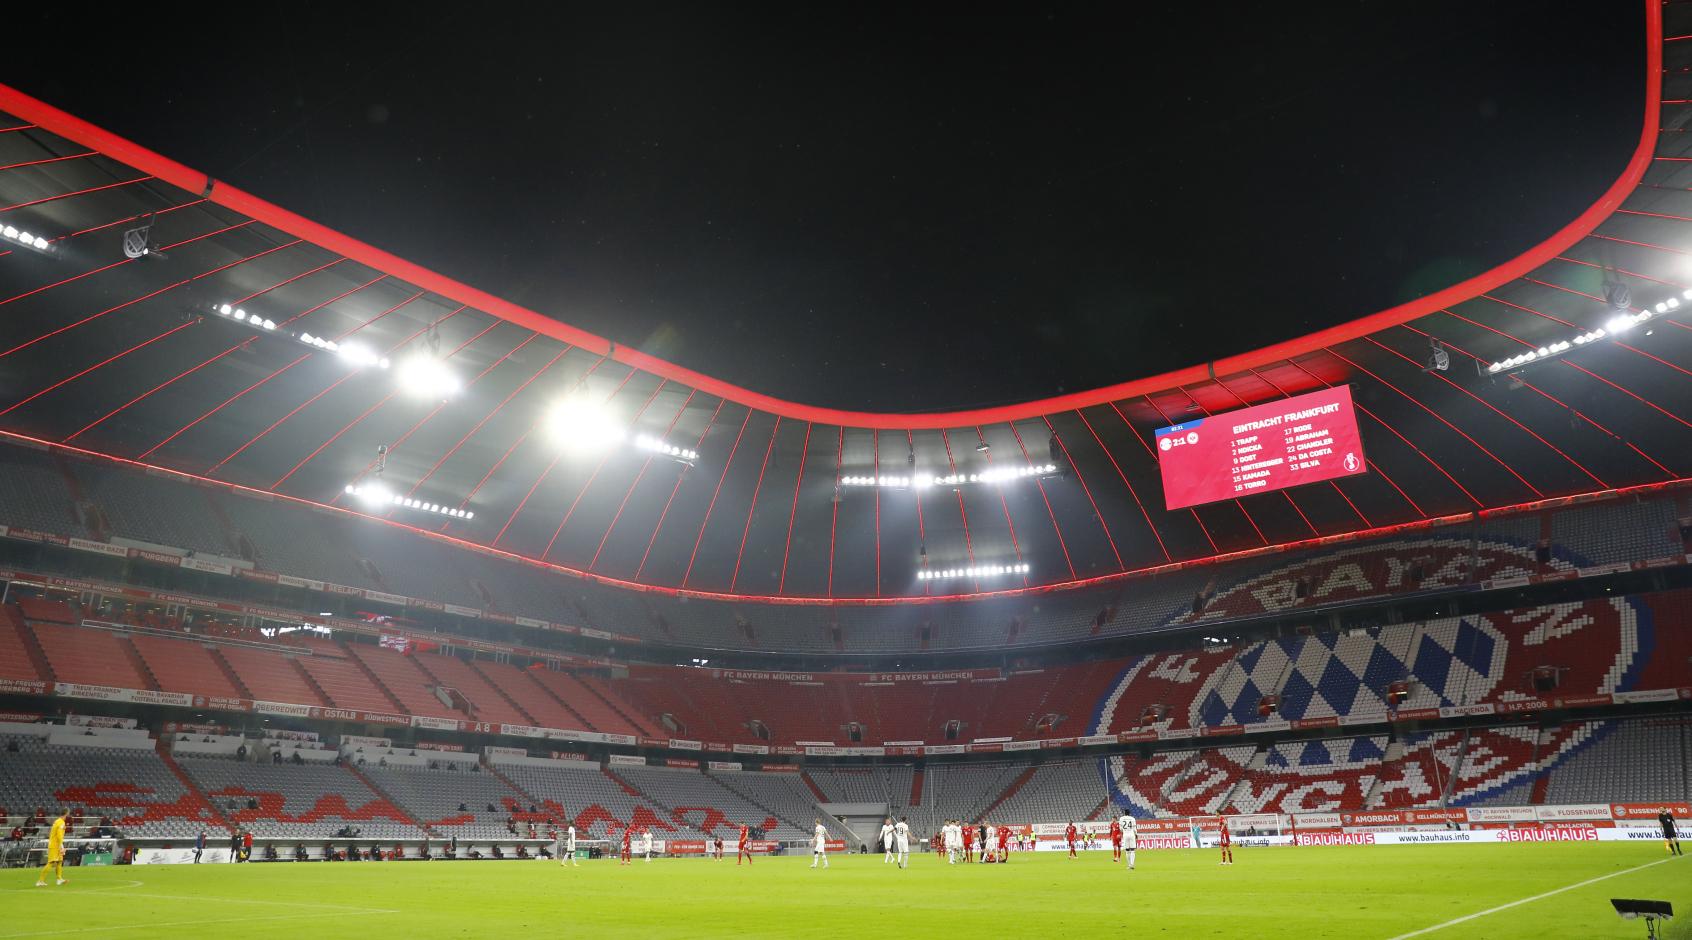 Власти Баварии разрешили проводить матчи Евро-2020 в Мюнхене со зрителями